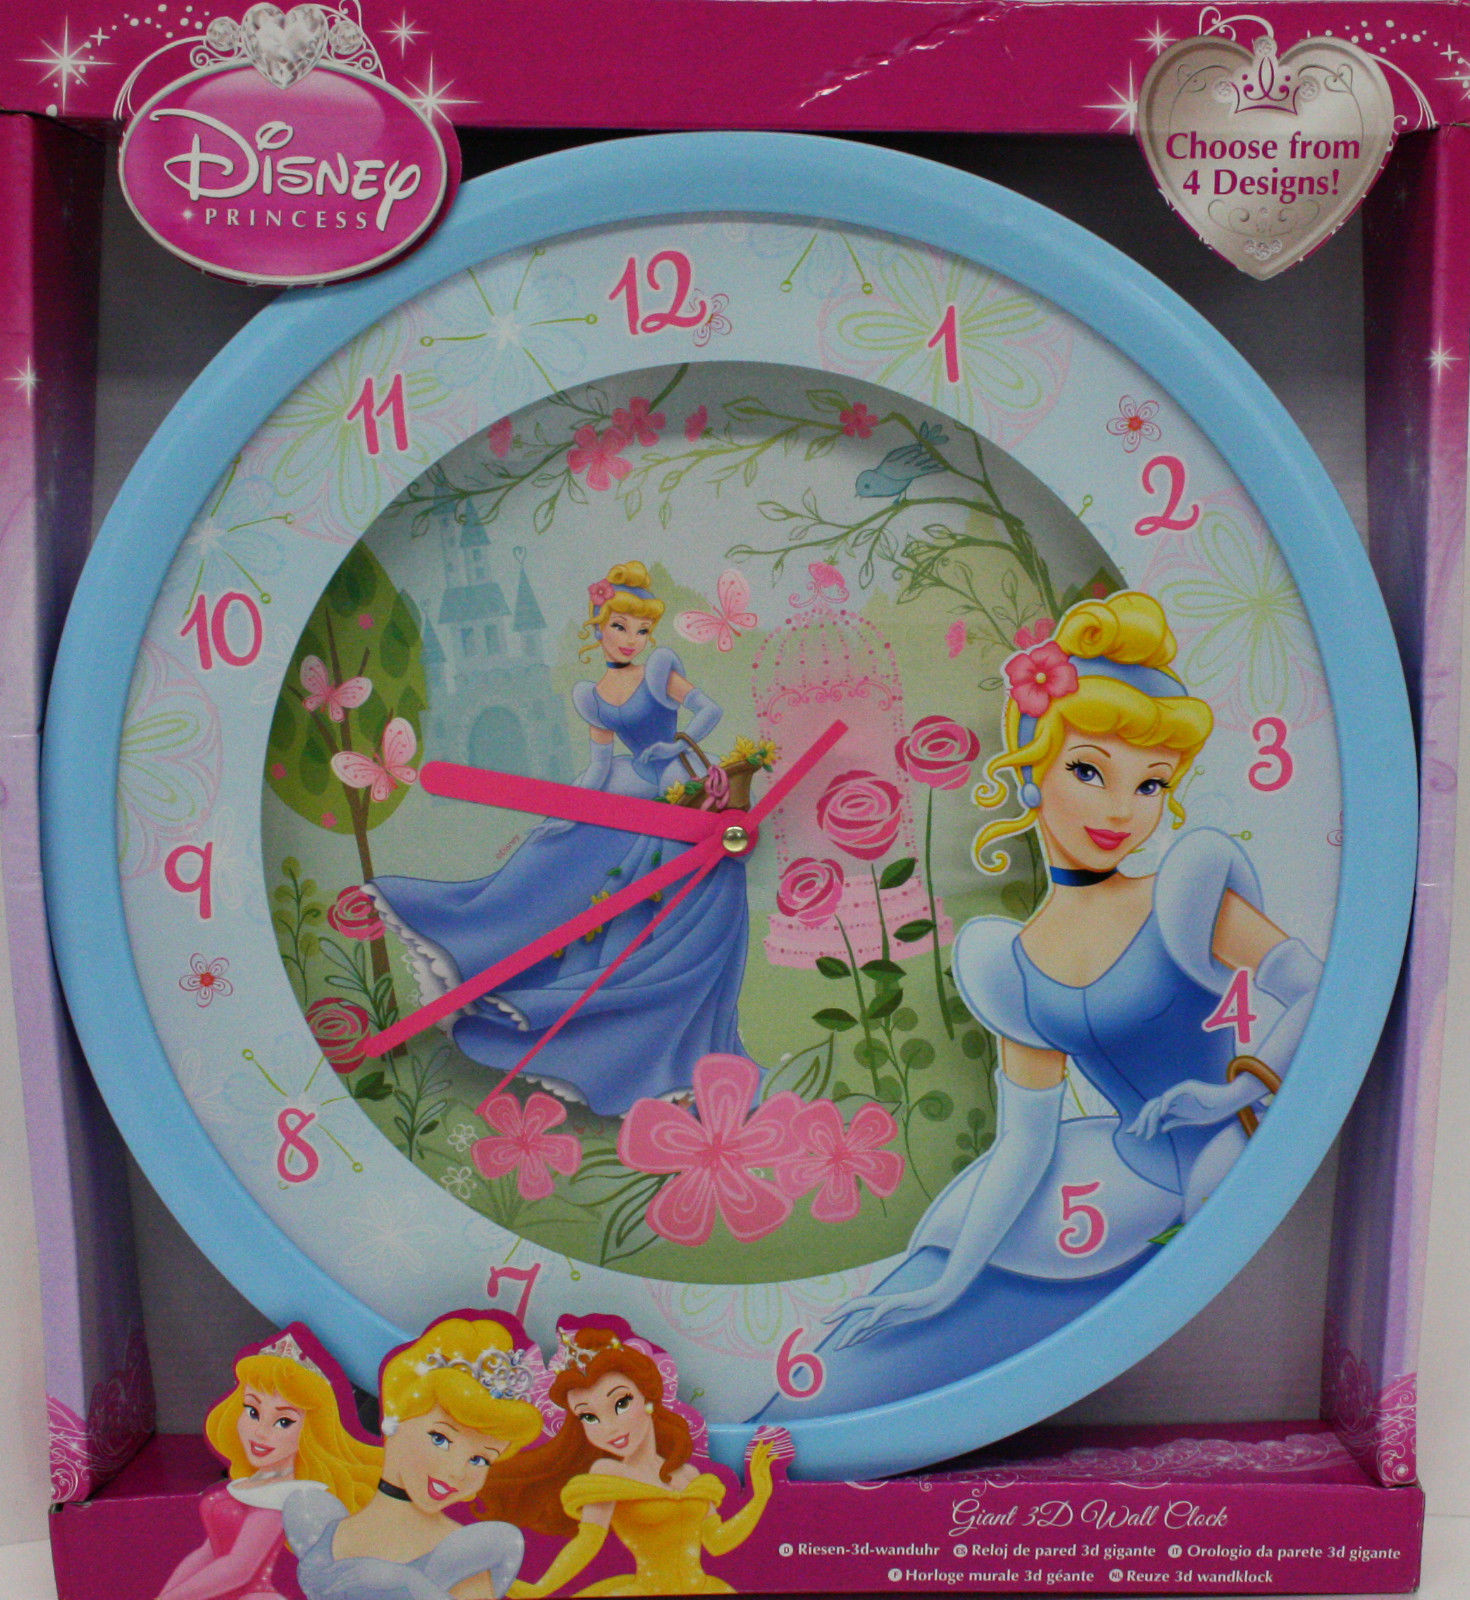 Horloge murale la belle au cendrillon 3d g ante montre disney for Decoration murale geante